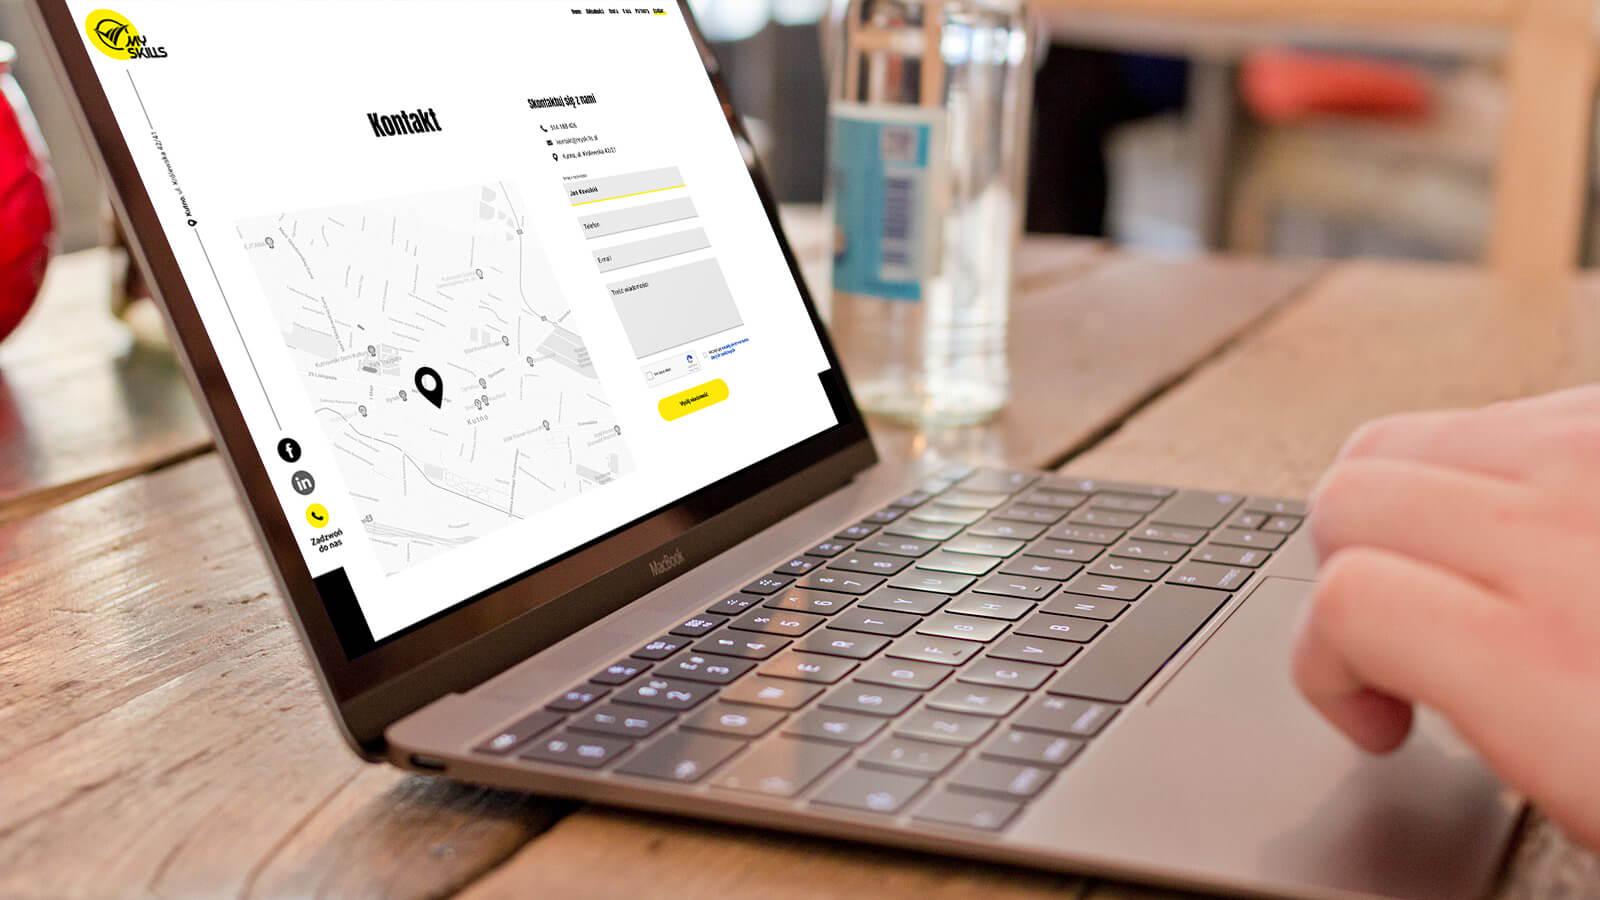 Wizualizacja sekcji kontakt na nowej stronie internetowej MySkills. Lokalizacja; Kutno, Łódzkie.